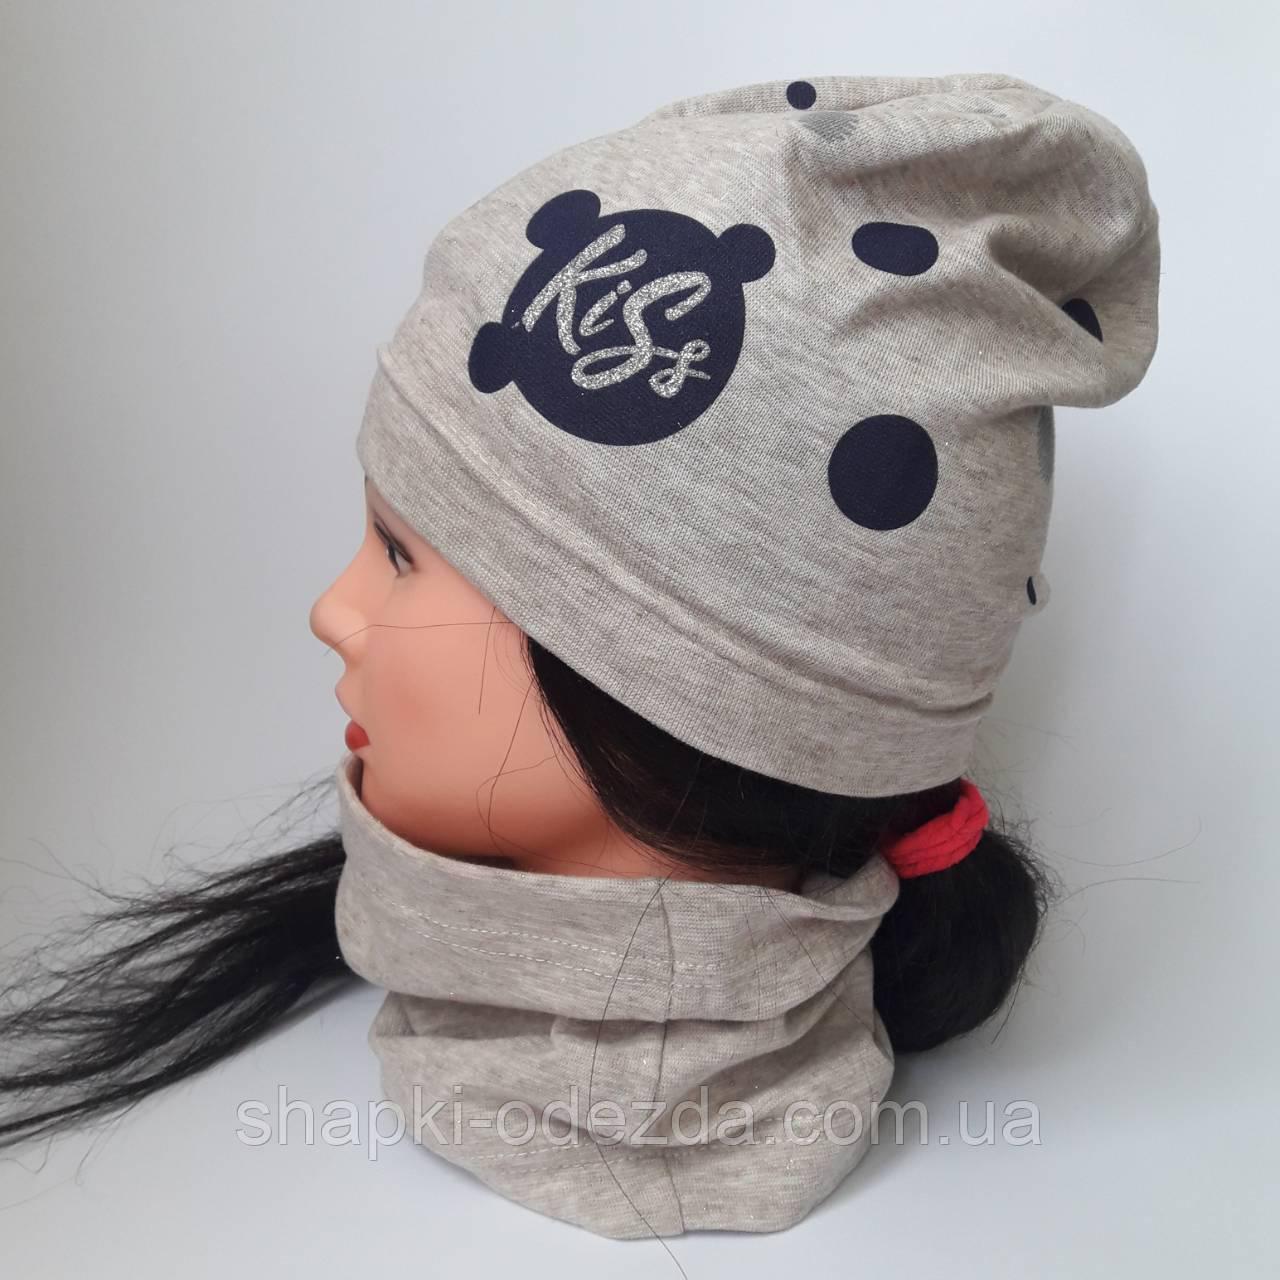 Детская трикотажная шапка с хамутом р 3-8 лет оптом